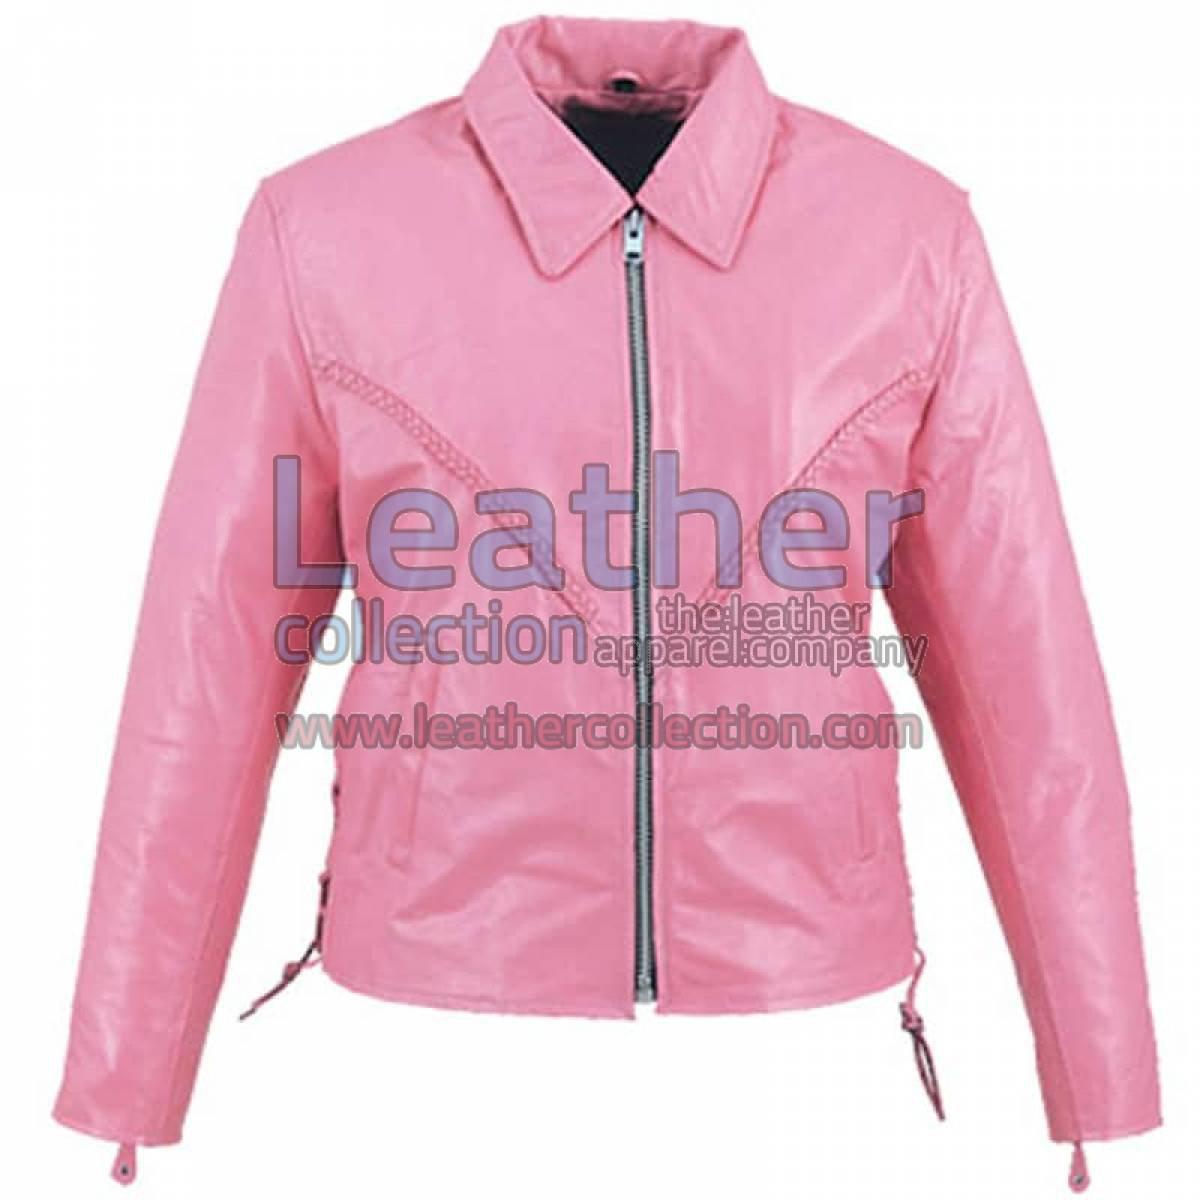 Leather Braided Pink Ladies Jacket